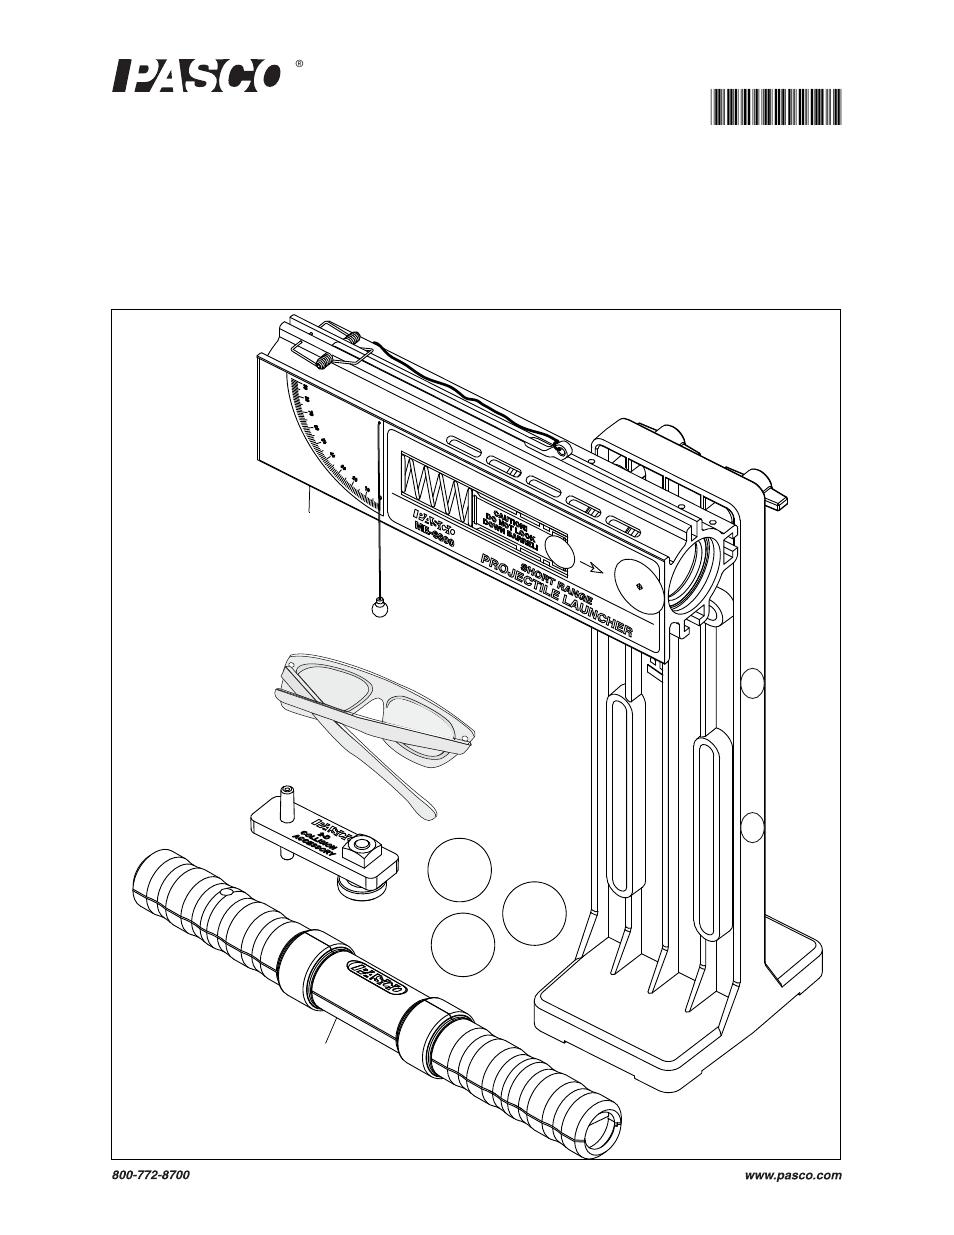 PASCO ME-6800 Projectile Launcher (Short Range) User